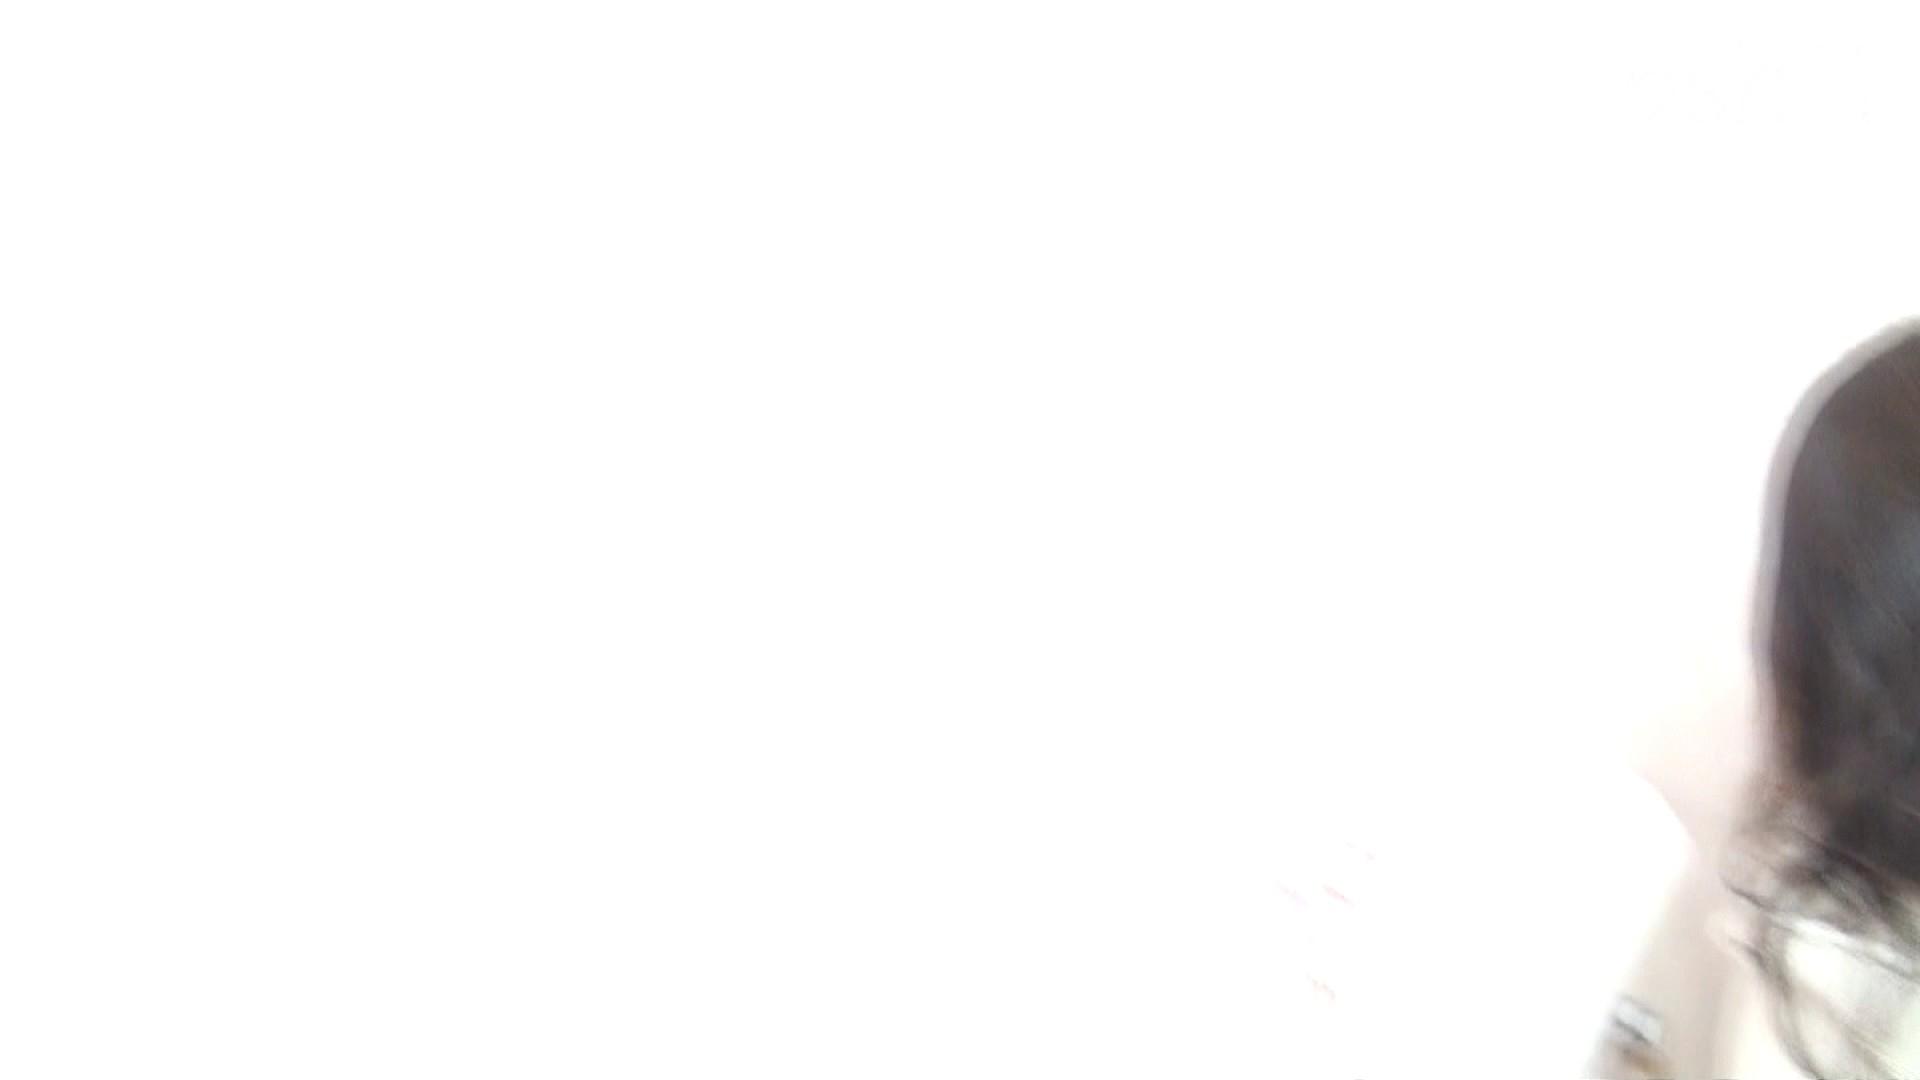 ▲復活限定▲ハイビジョン 盗神伝 Vol.11 お姉さん攻略 アダルト動画キャプチャ 103画像 11